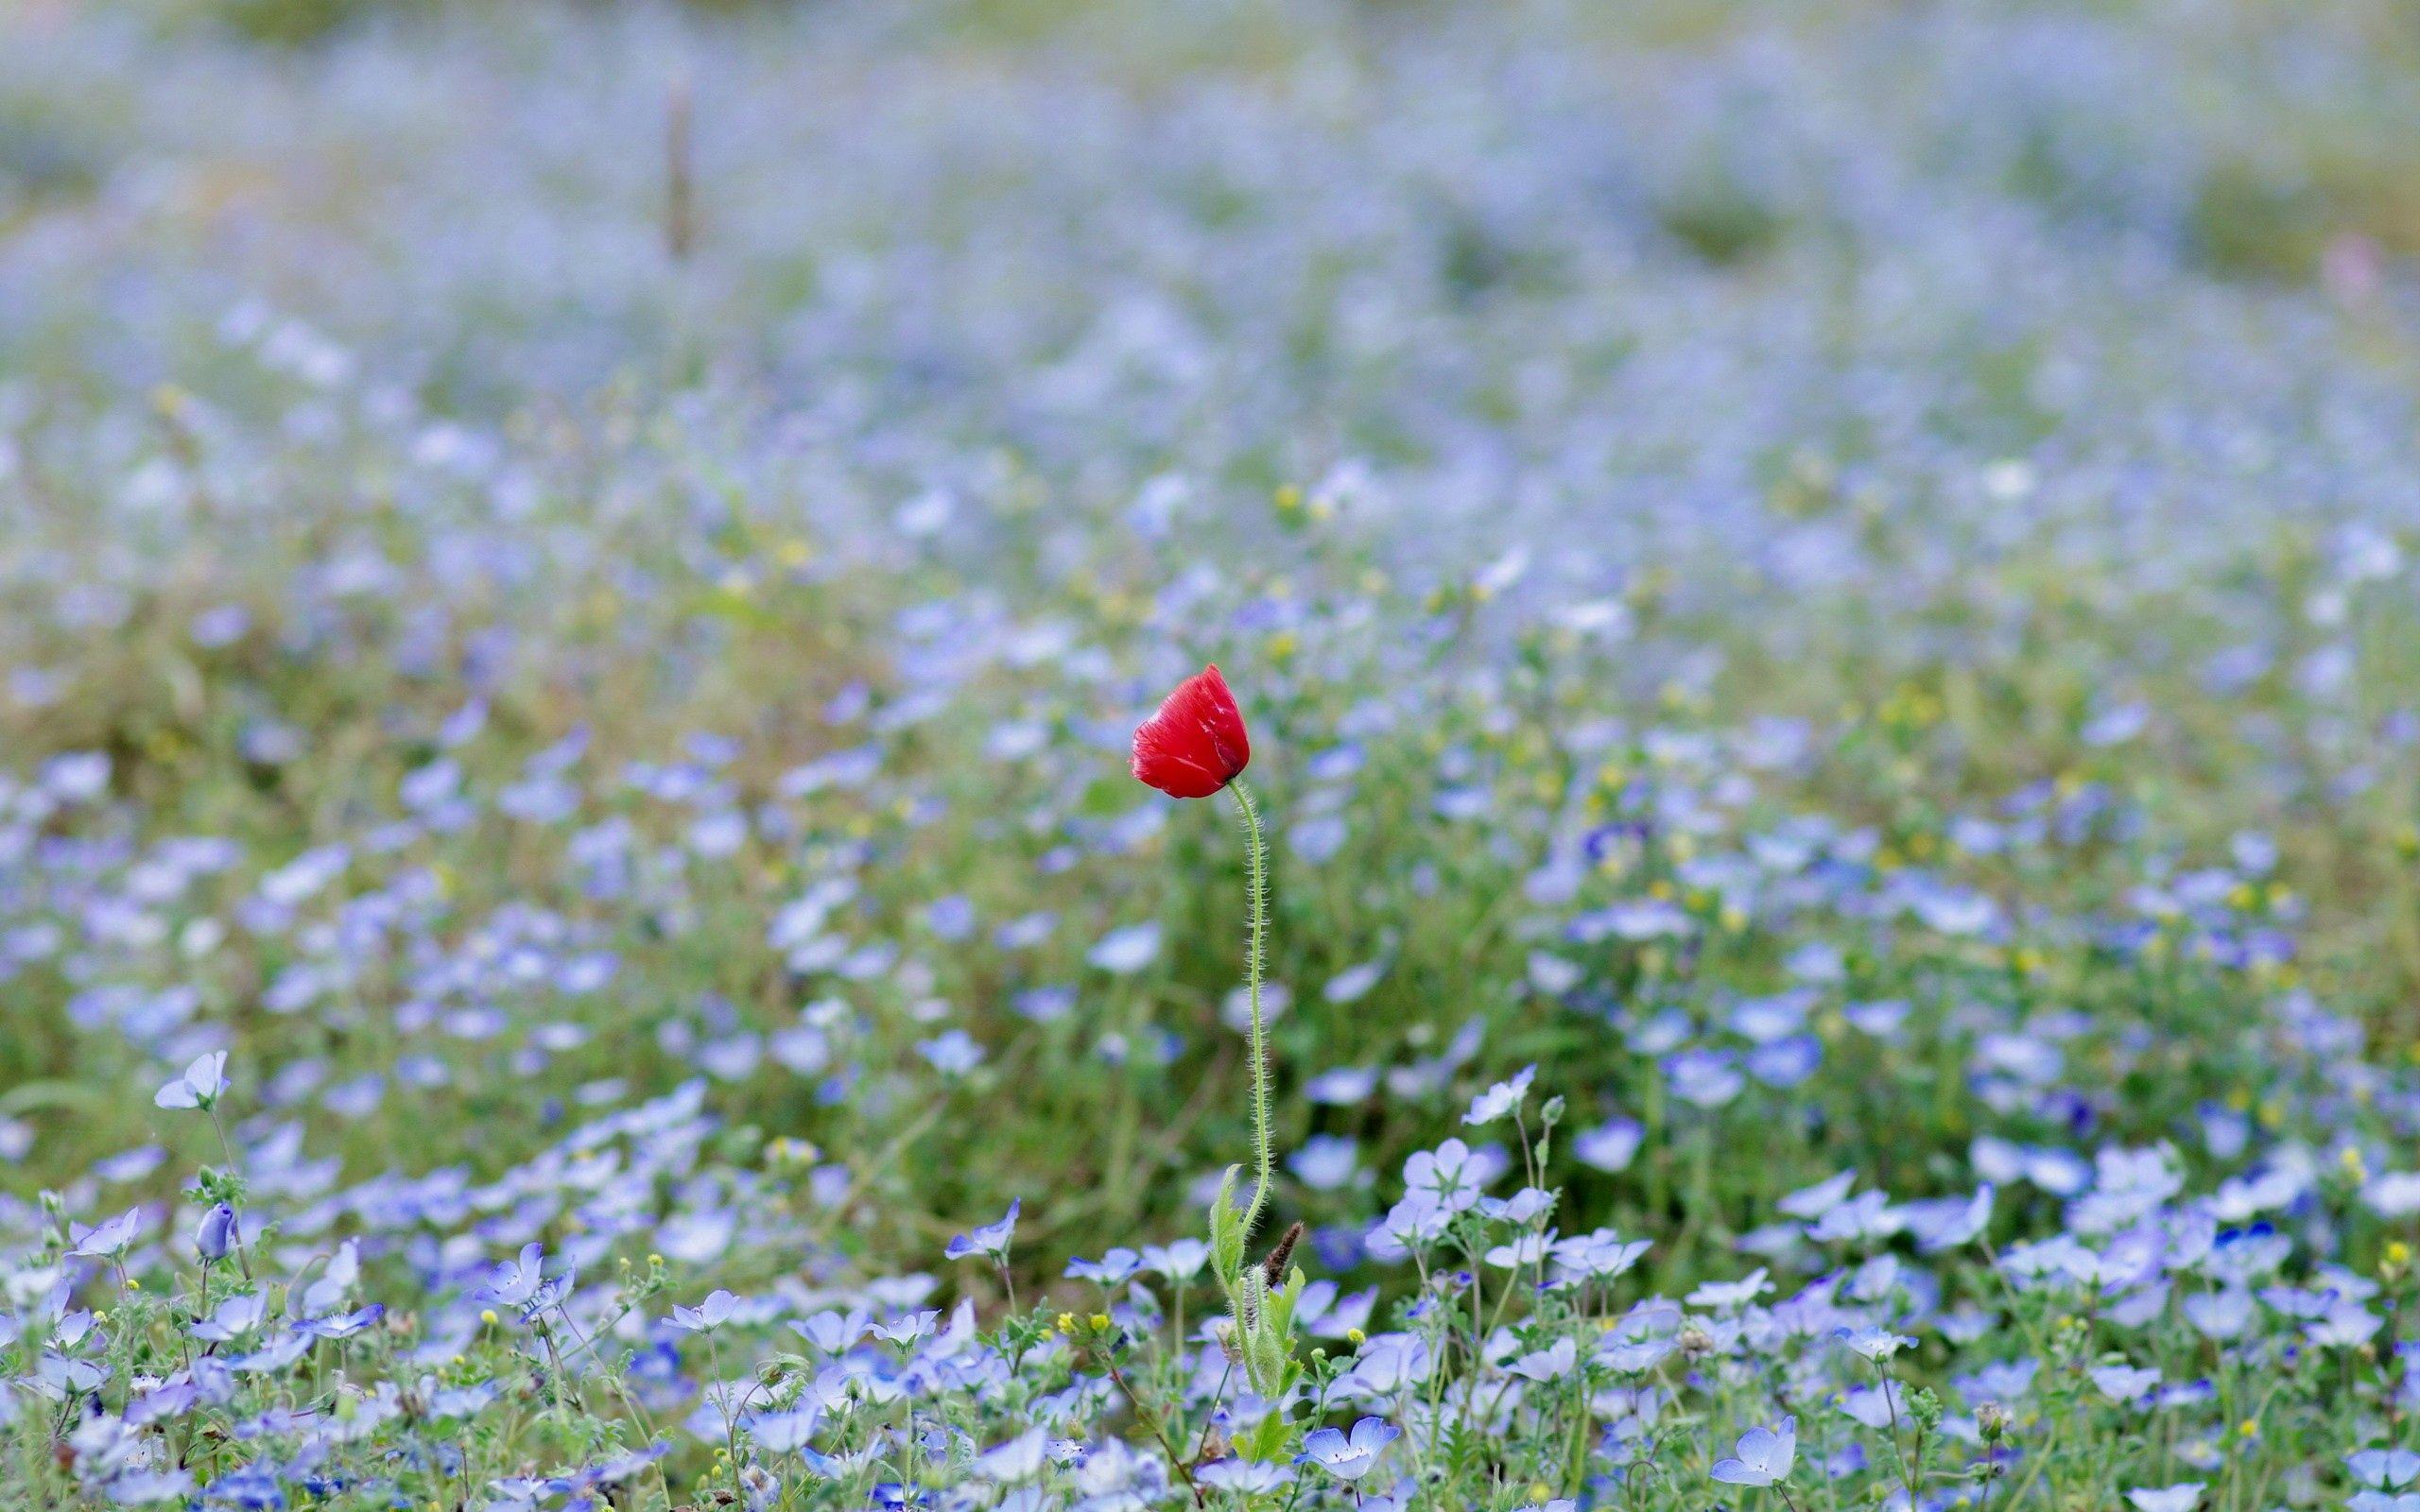 86594 скачать обои Природа, Трава, Поле, Цветок - заставки и картинки бесплатно